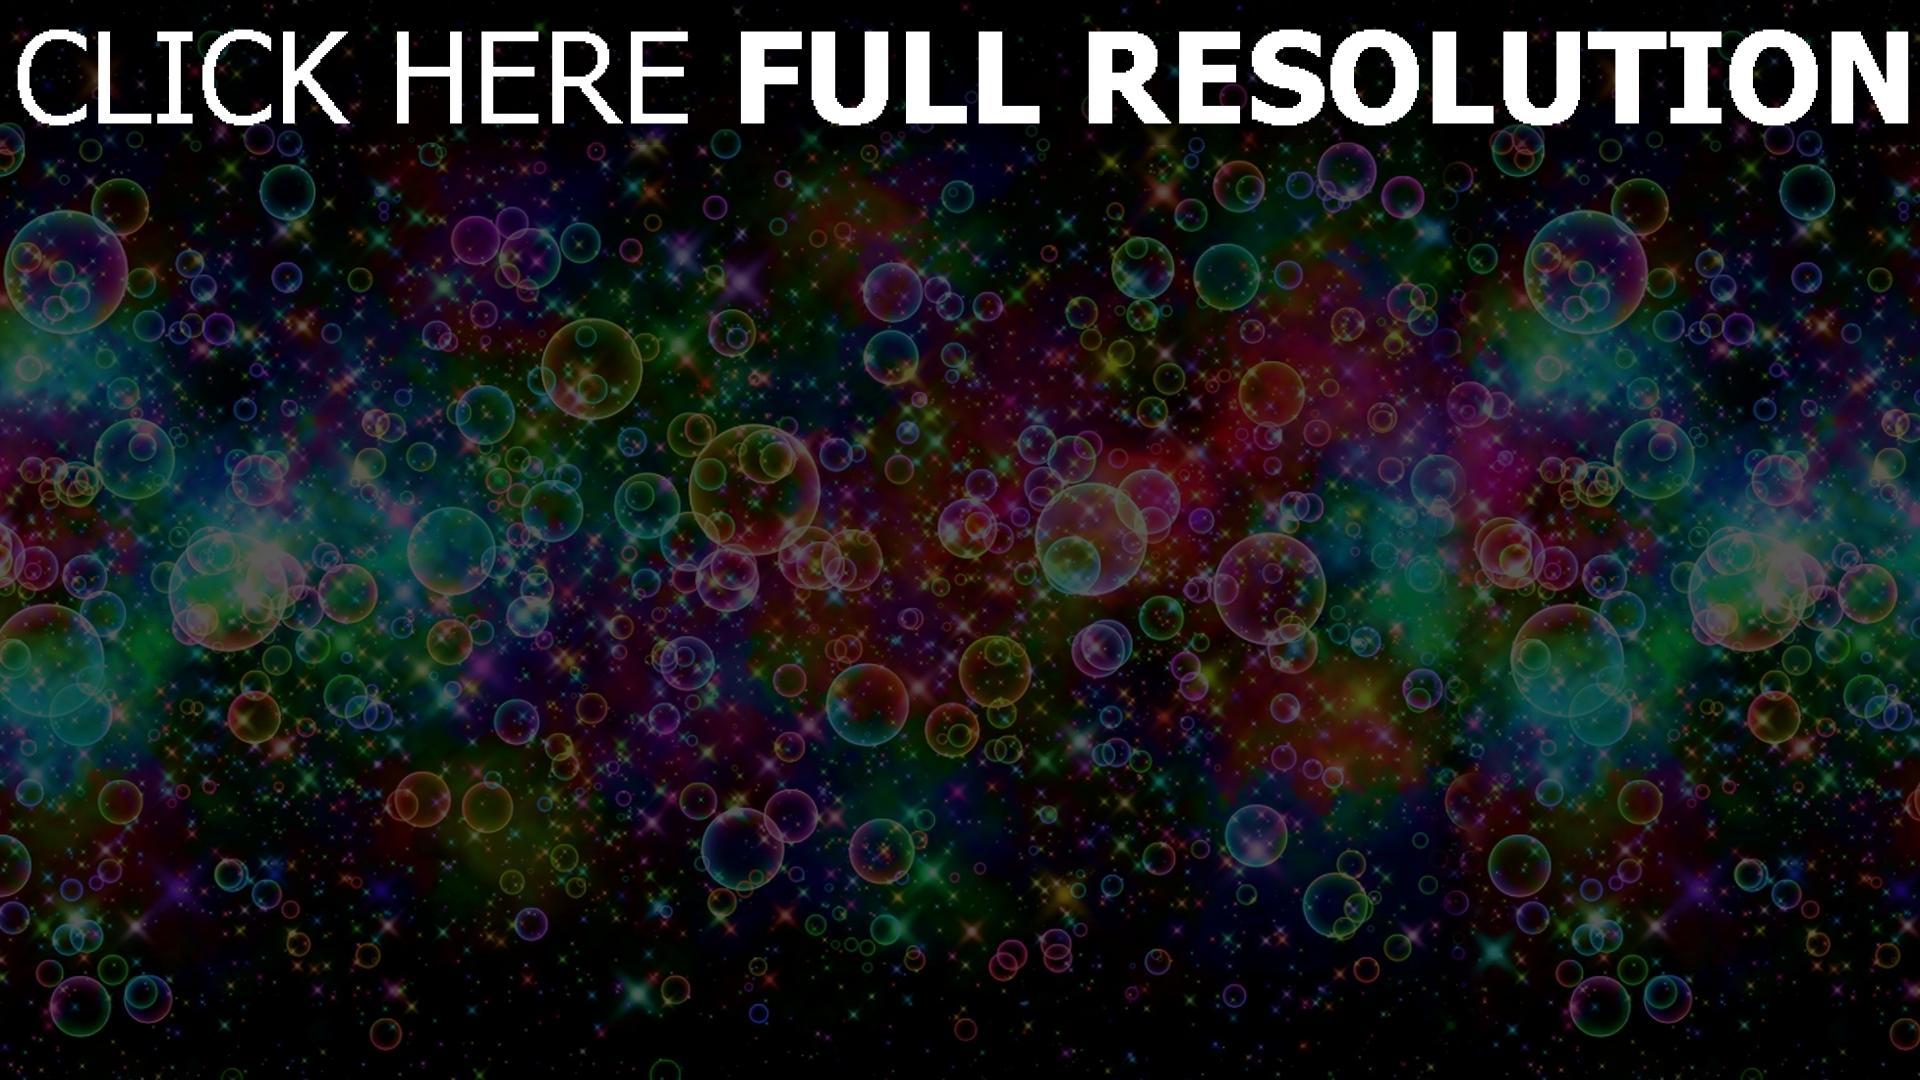 Hd Hintergrundbilder Blasen Bunt Regenbogen Hell Desktop Hintergrund